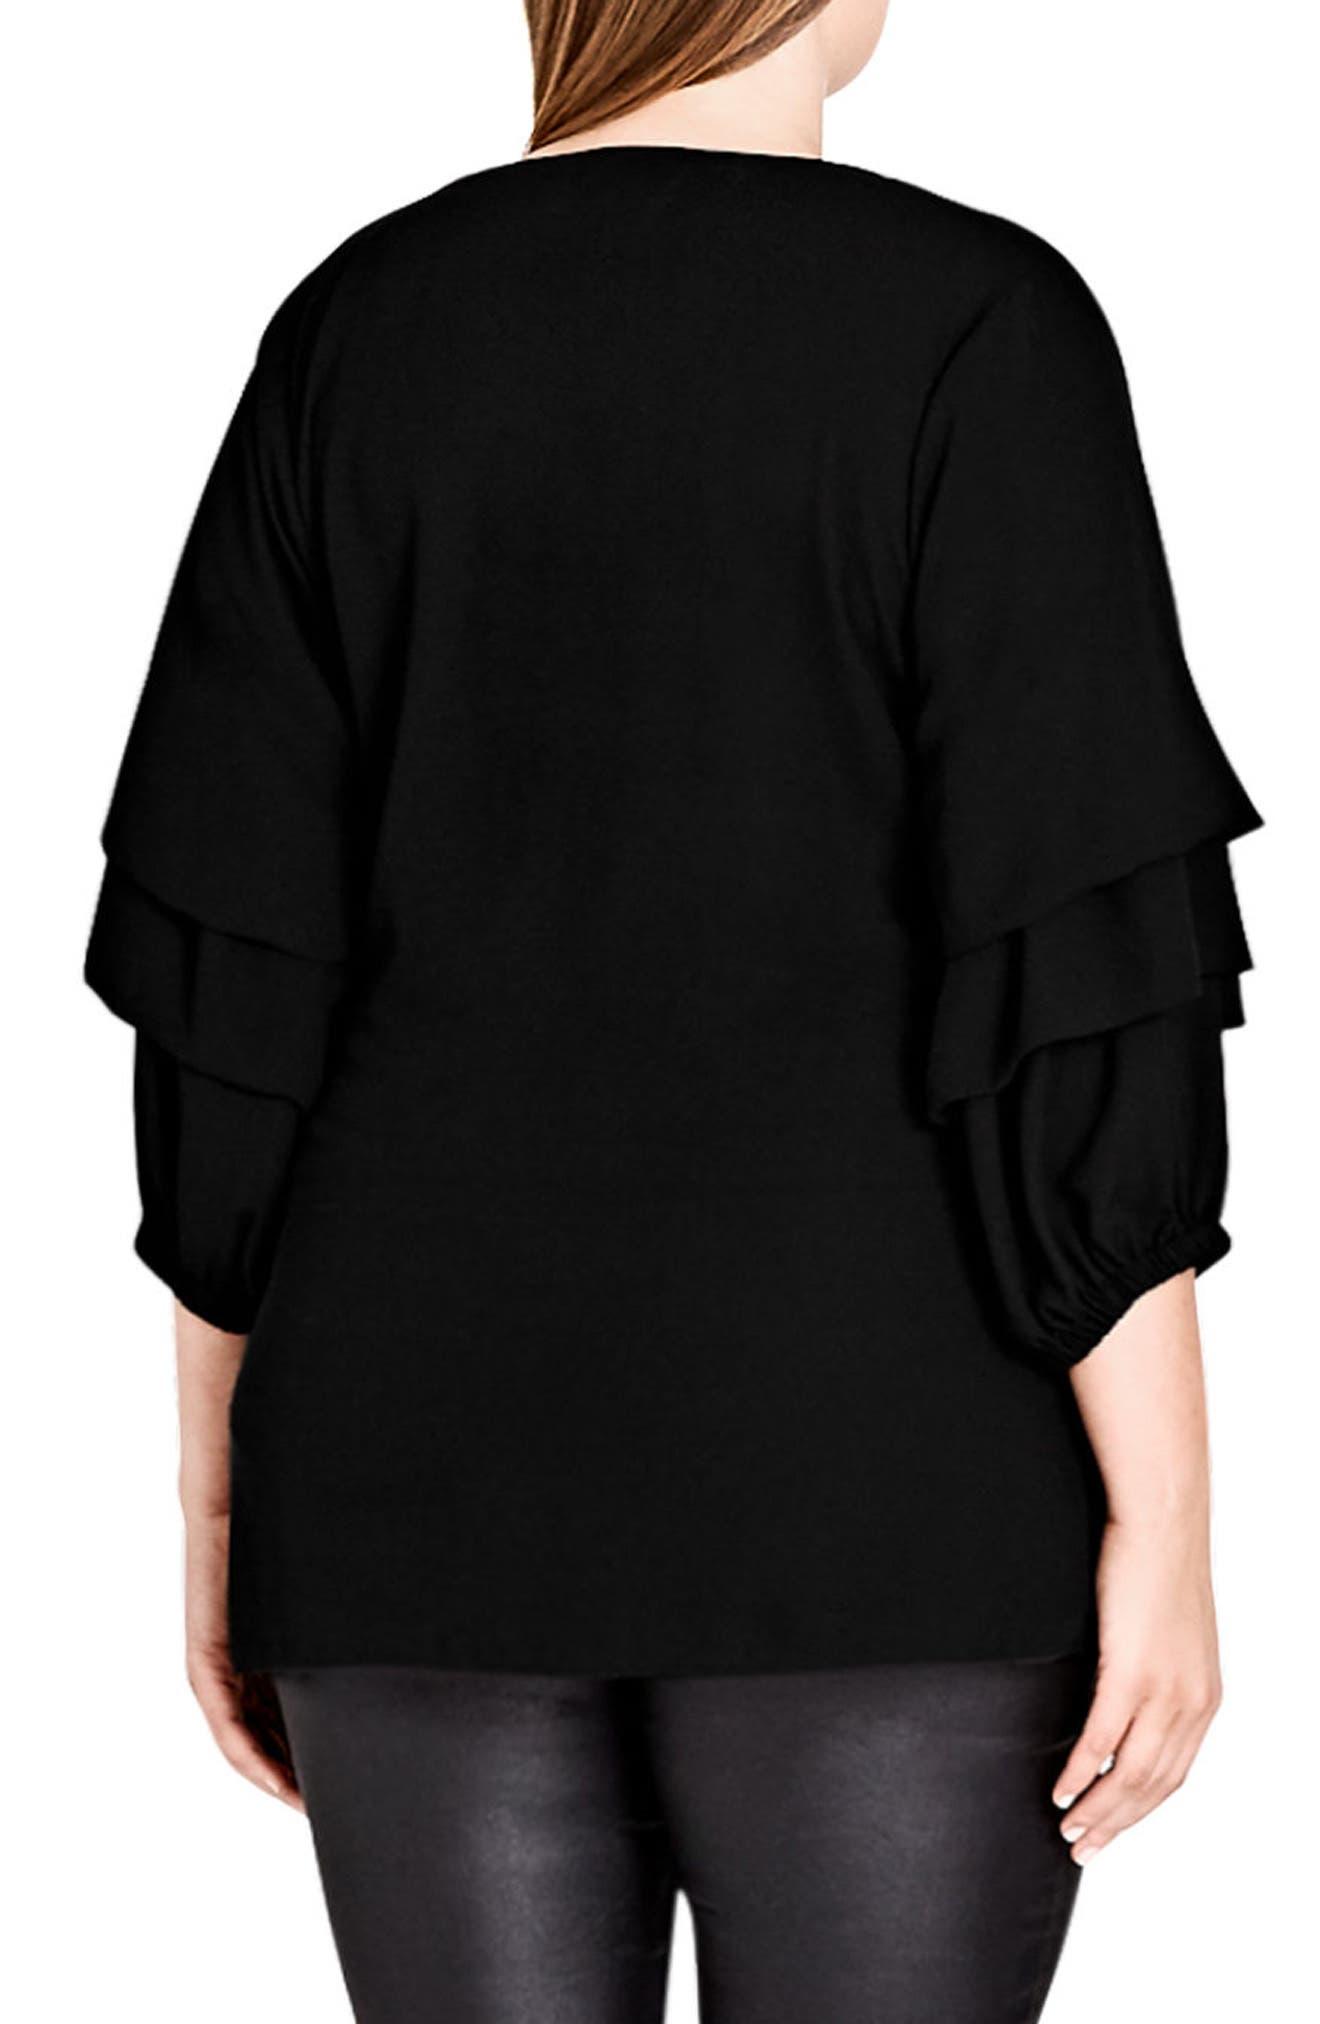 Alternate Image 2  - City Chic Desire Faux Wrap Shirt (Plus Size)